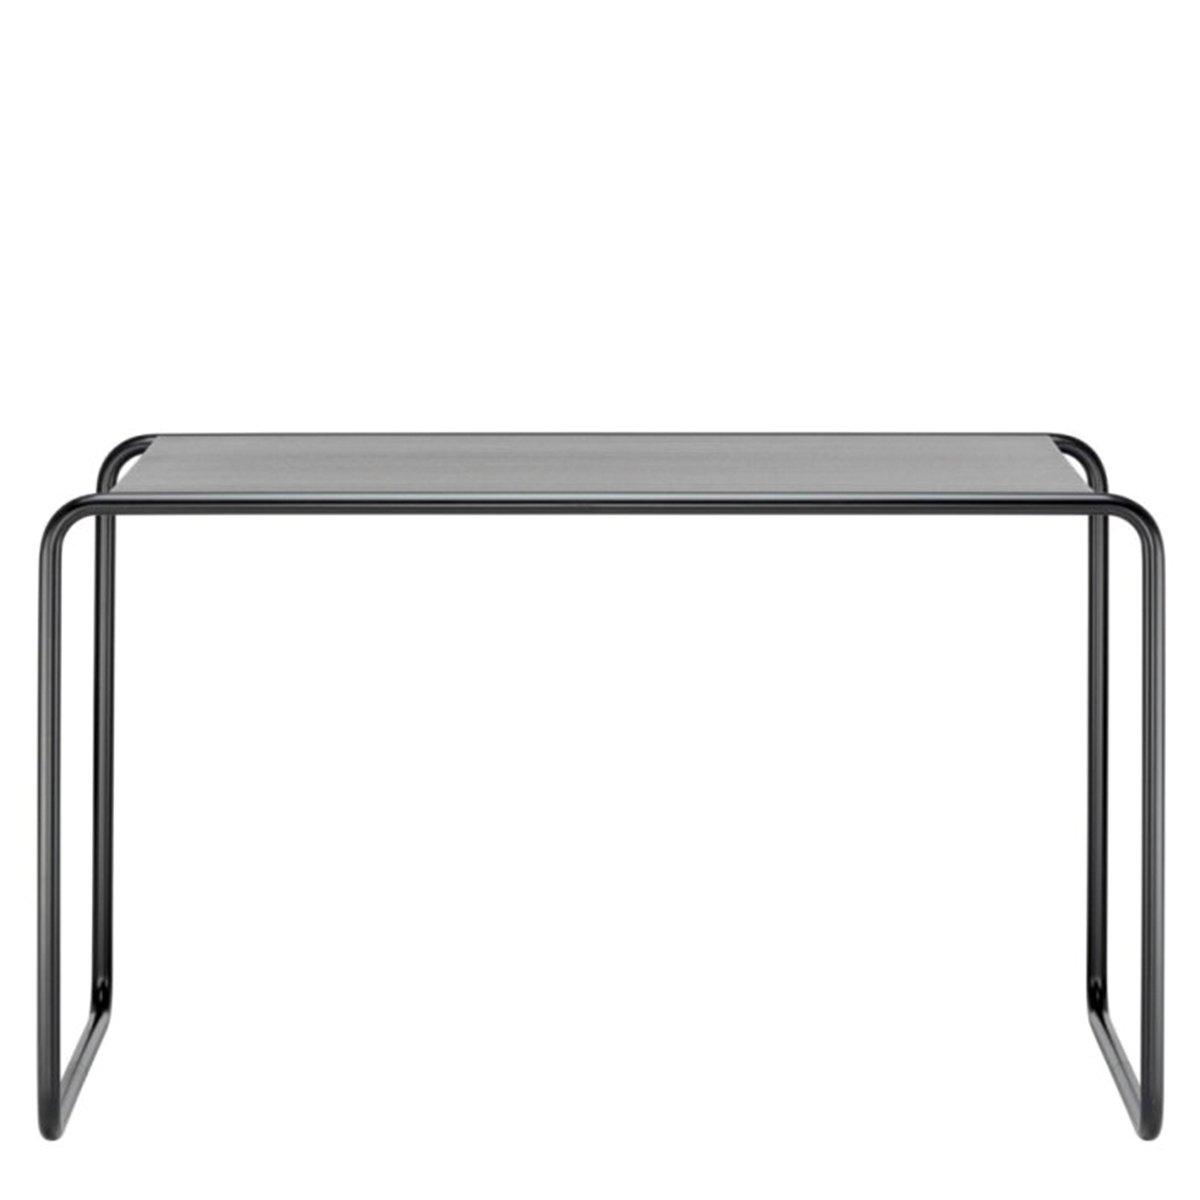 Thonet S285/0 Bureau - Zwart frame / Zwart gebeitst eiken